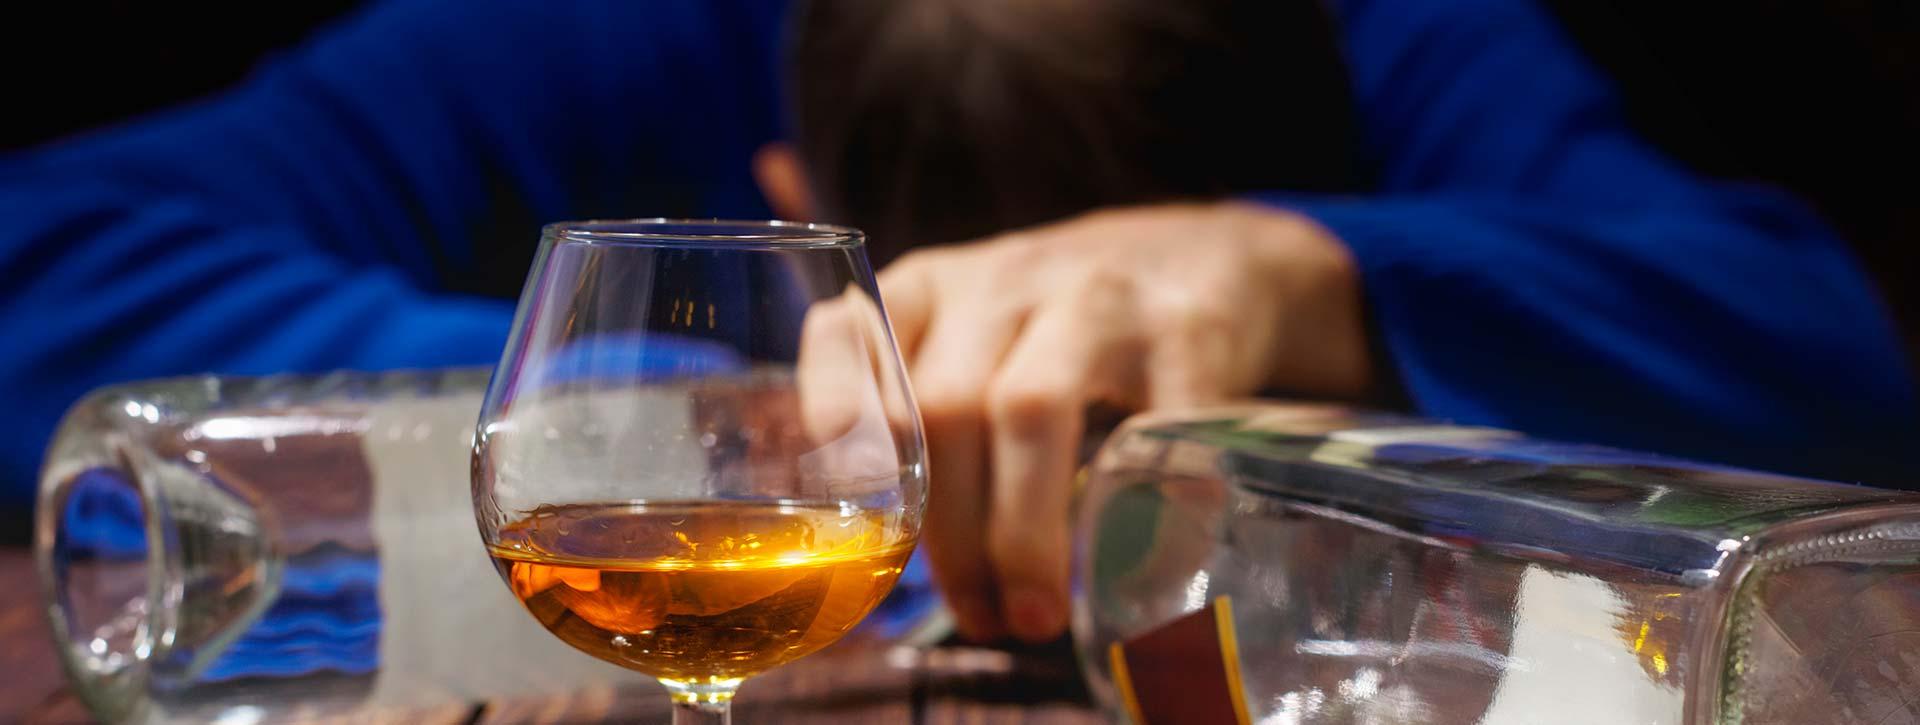 Когда пьющего необходимо выводить из запоя?